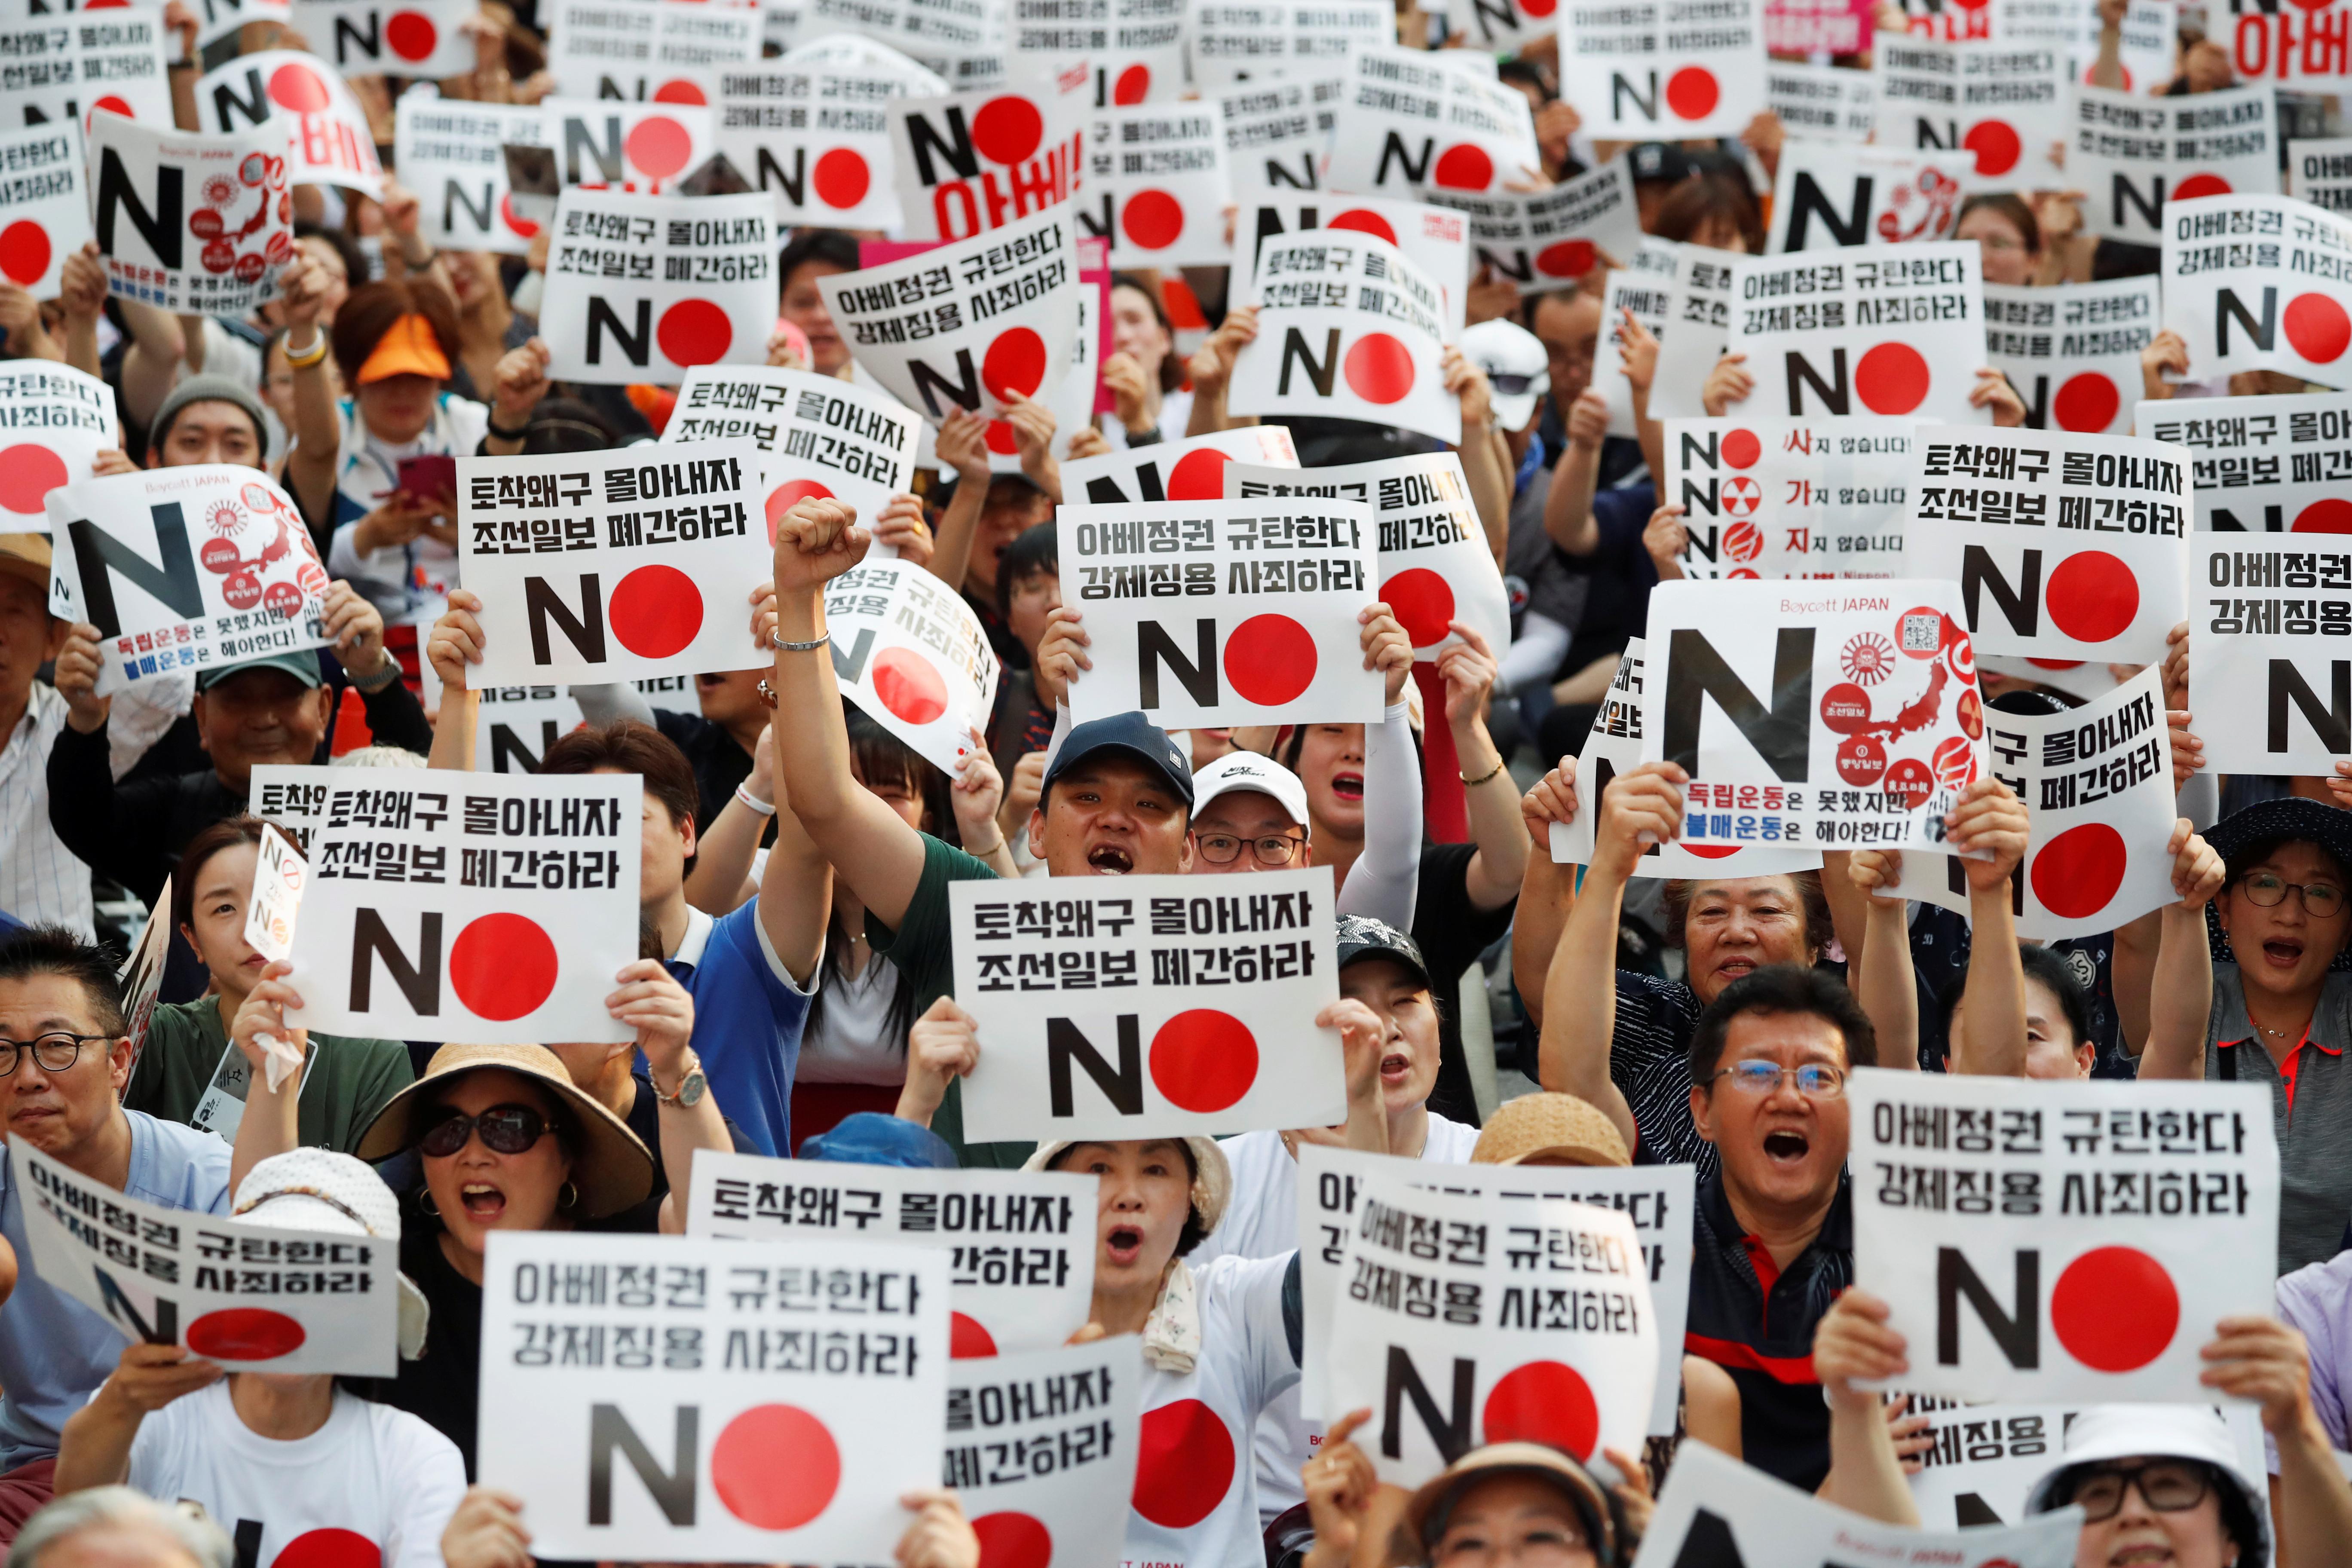 ▲▼日韓貿易戰升溫,南韓民眾上街發起抵制日本運動。(圖/路透社)